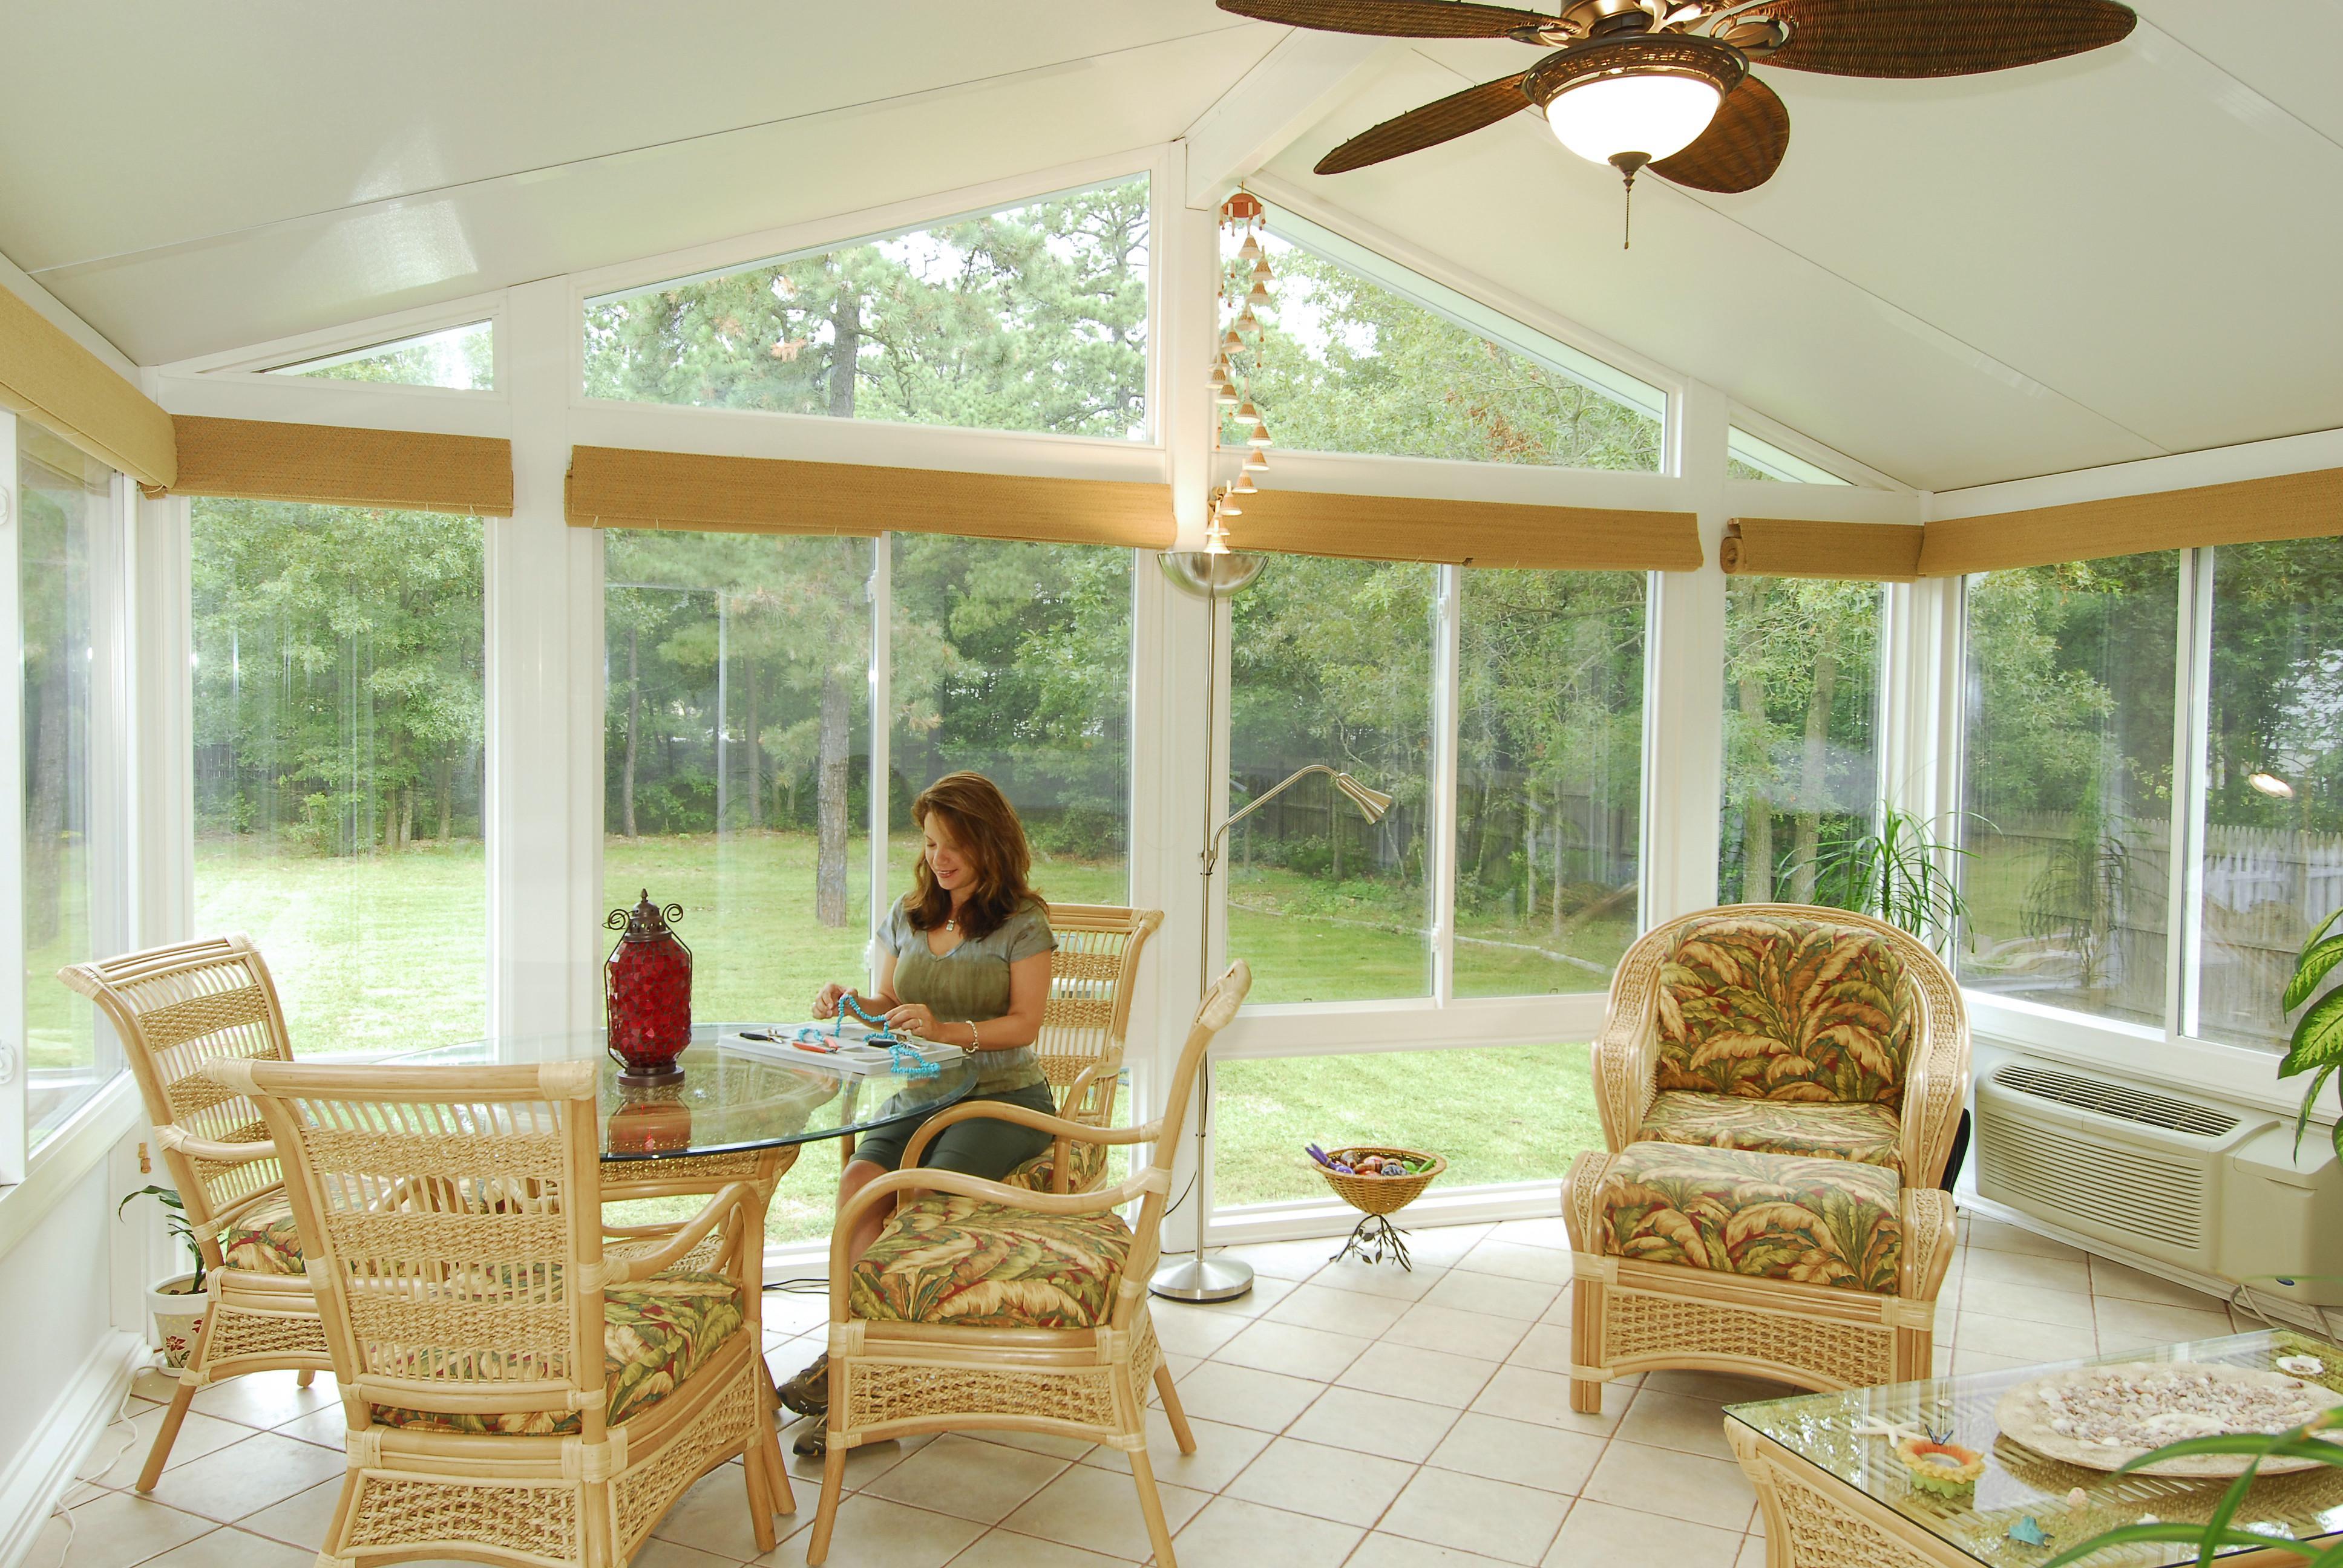 Four seasons sunrooms utica mi company profile for 4 season sunroom